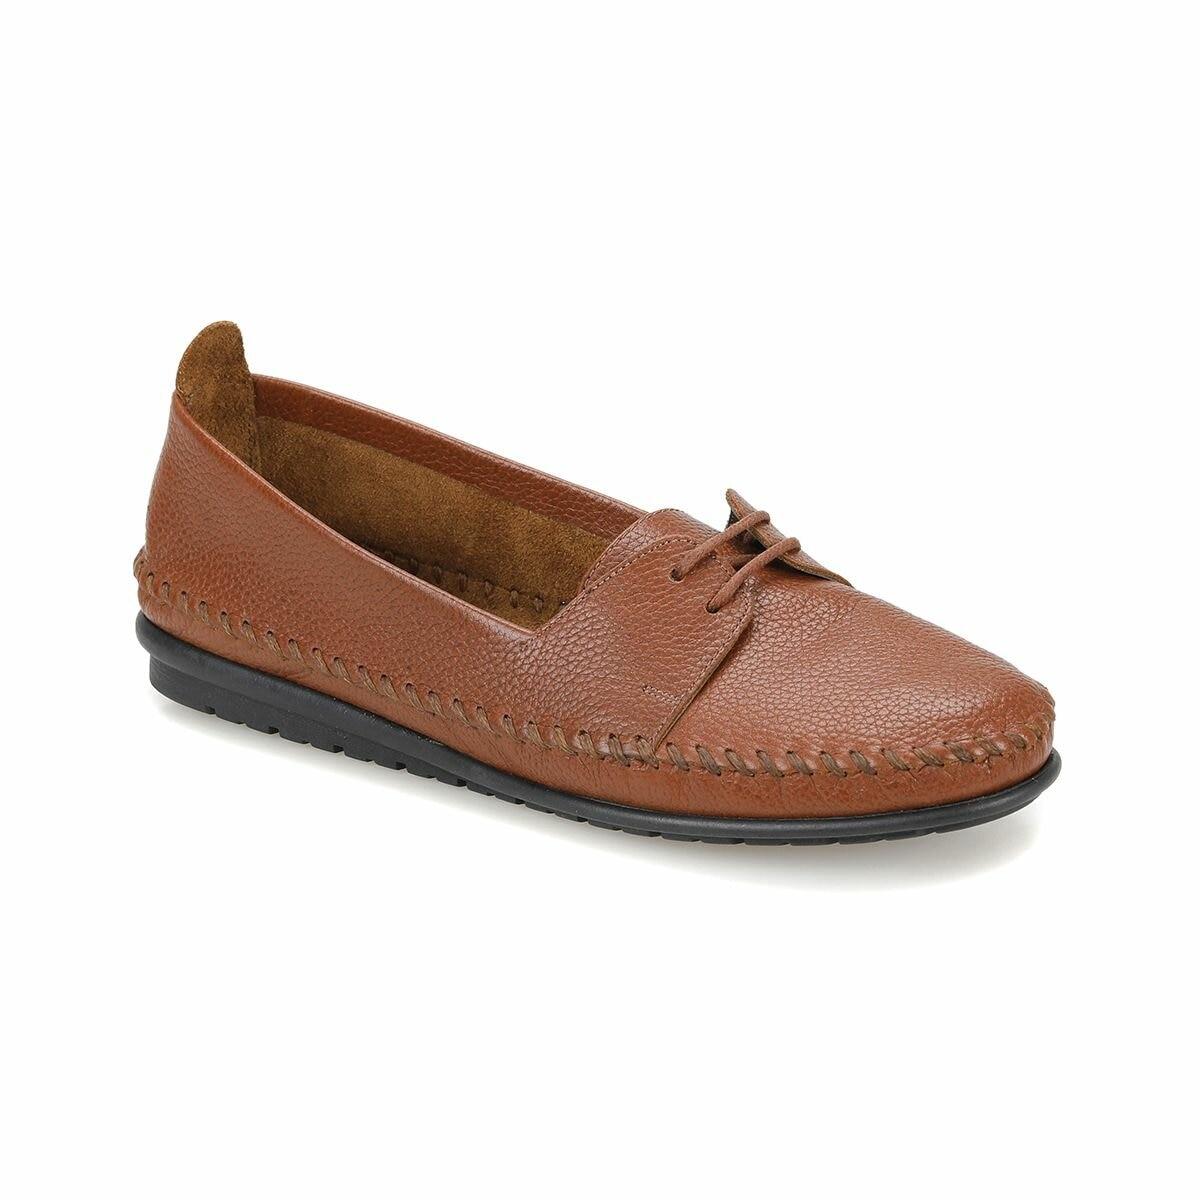 FLO 82.109668.Z Tan Women 'S Shoes Polaris